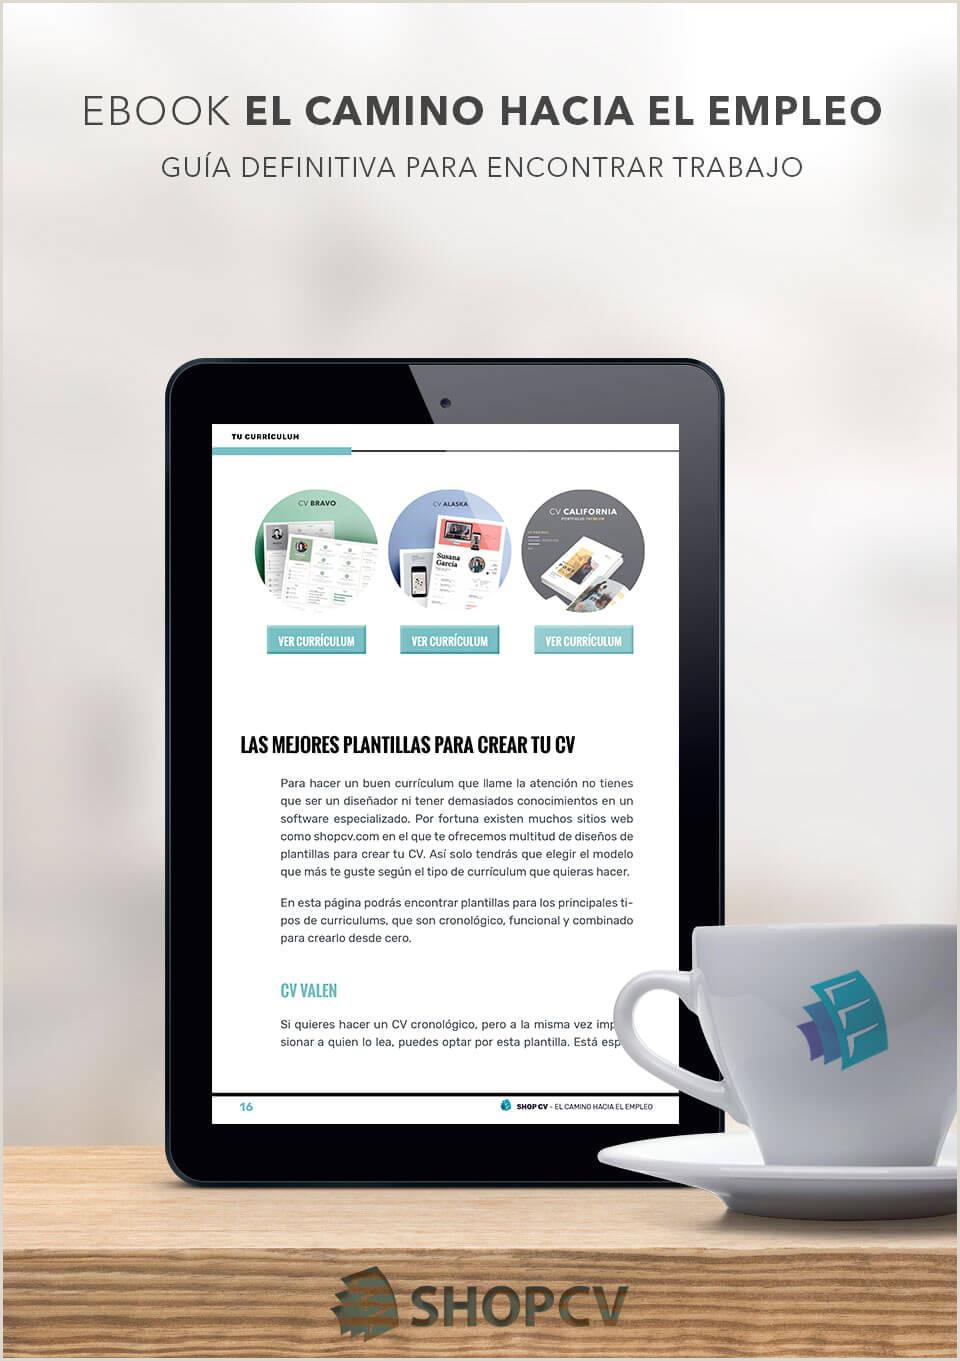 Curriculum Vitae formato Word Para Rellenar Gratis Online Shopcv